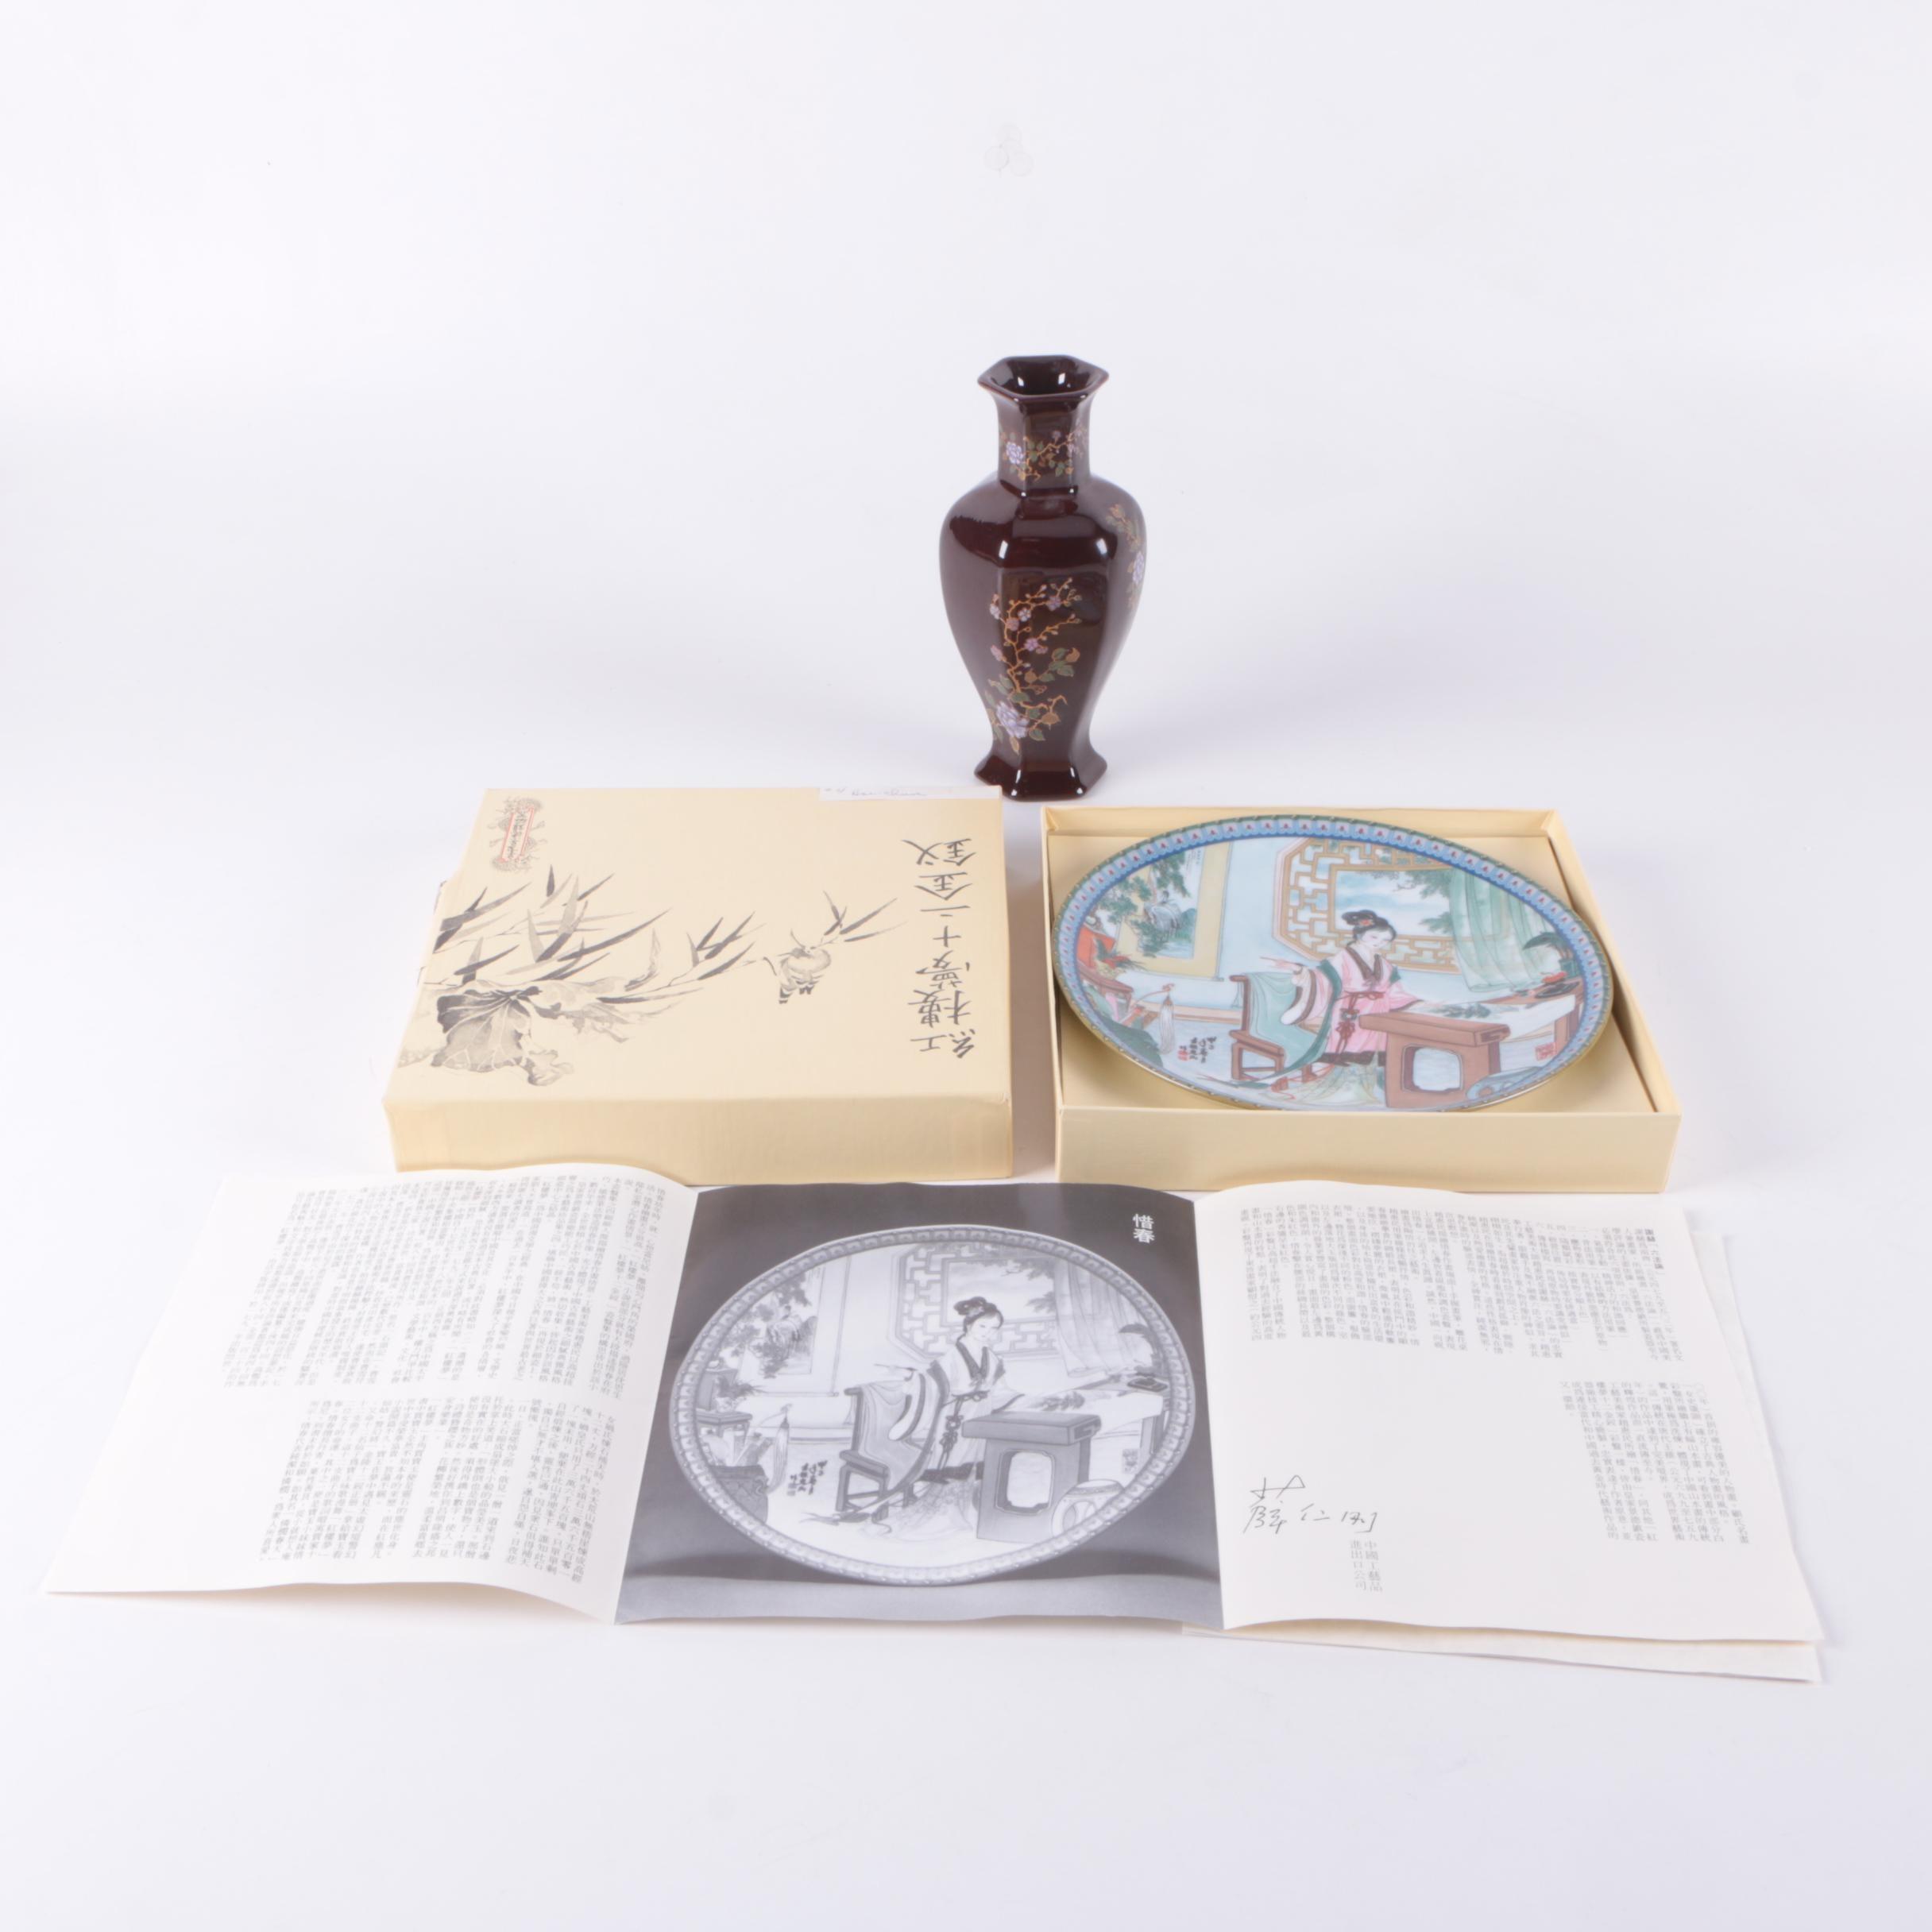 """1987 Imperial Jingdezhen """"Hsi-feng"""" Porcelain Plate and Ellen George Vase"""